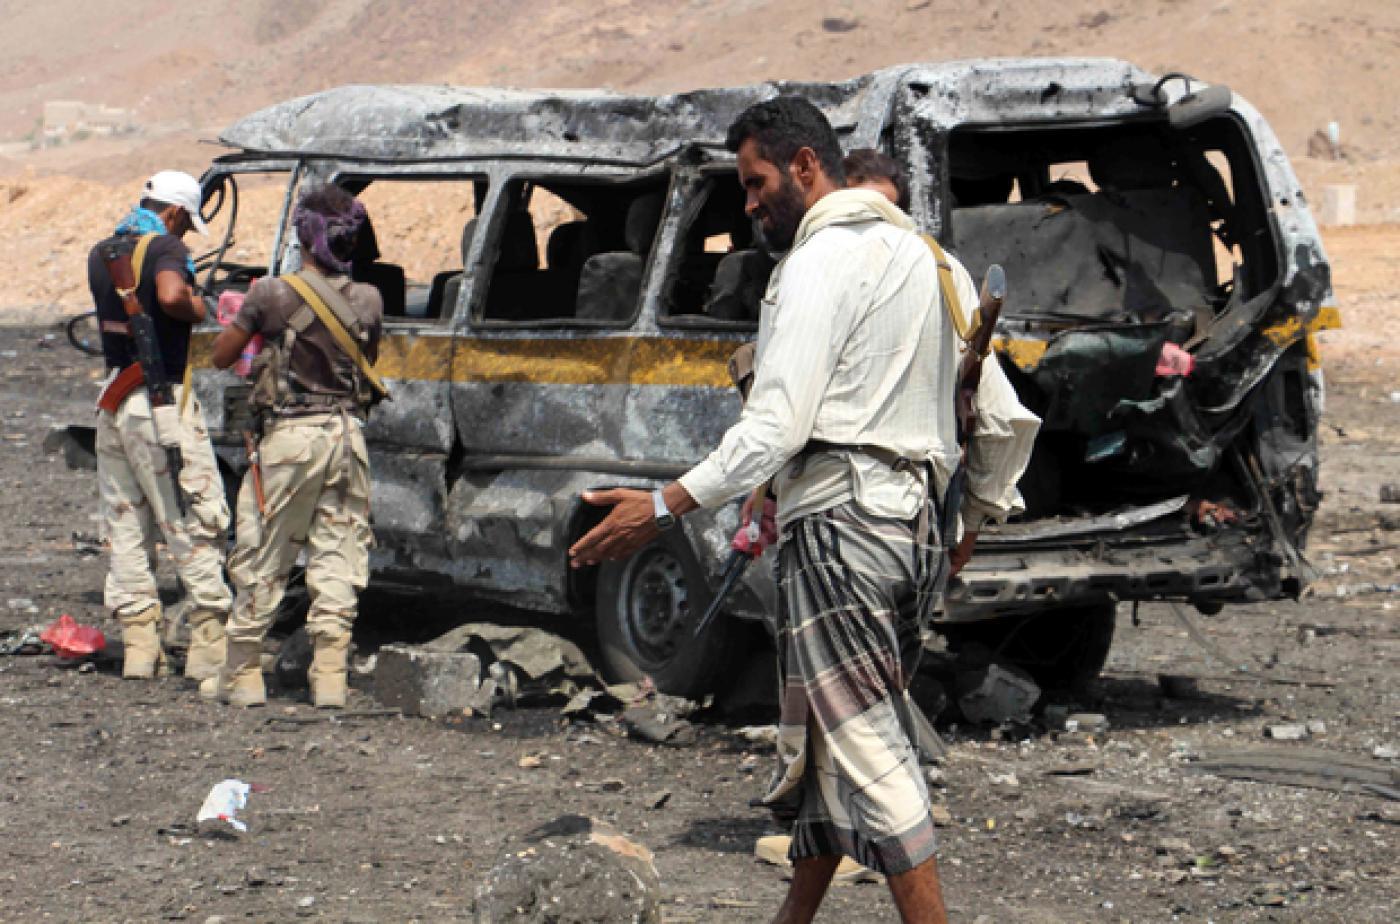 La coalition saoudienne et les Houthis enfreignent le droit international au Yémen, selon l'ONU